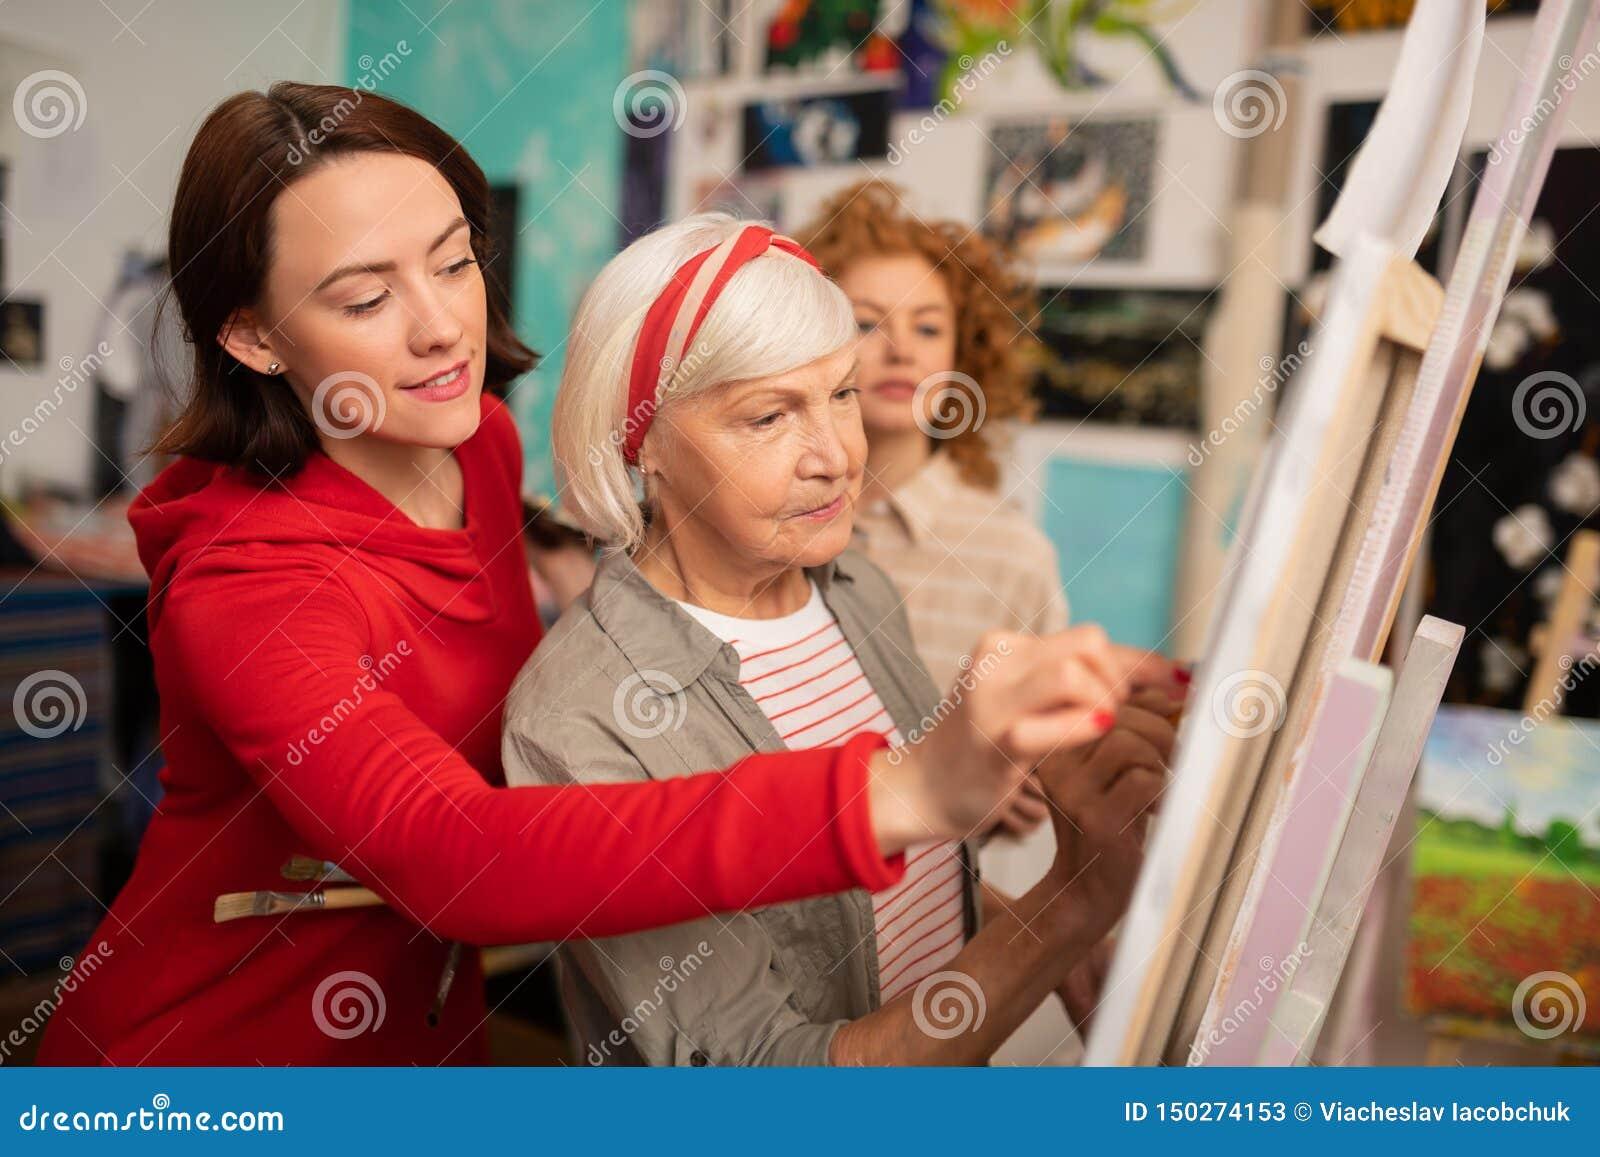 Professeur d art âgé et ses étudiants aidant son dessin sur la toile